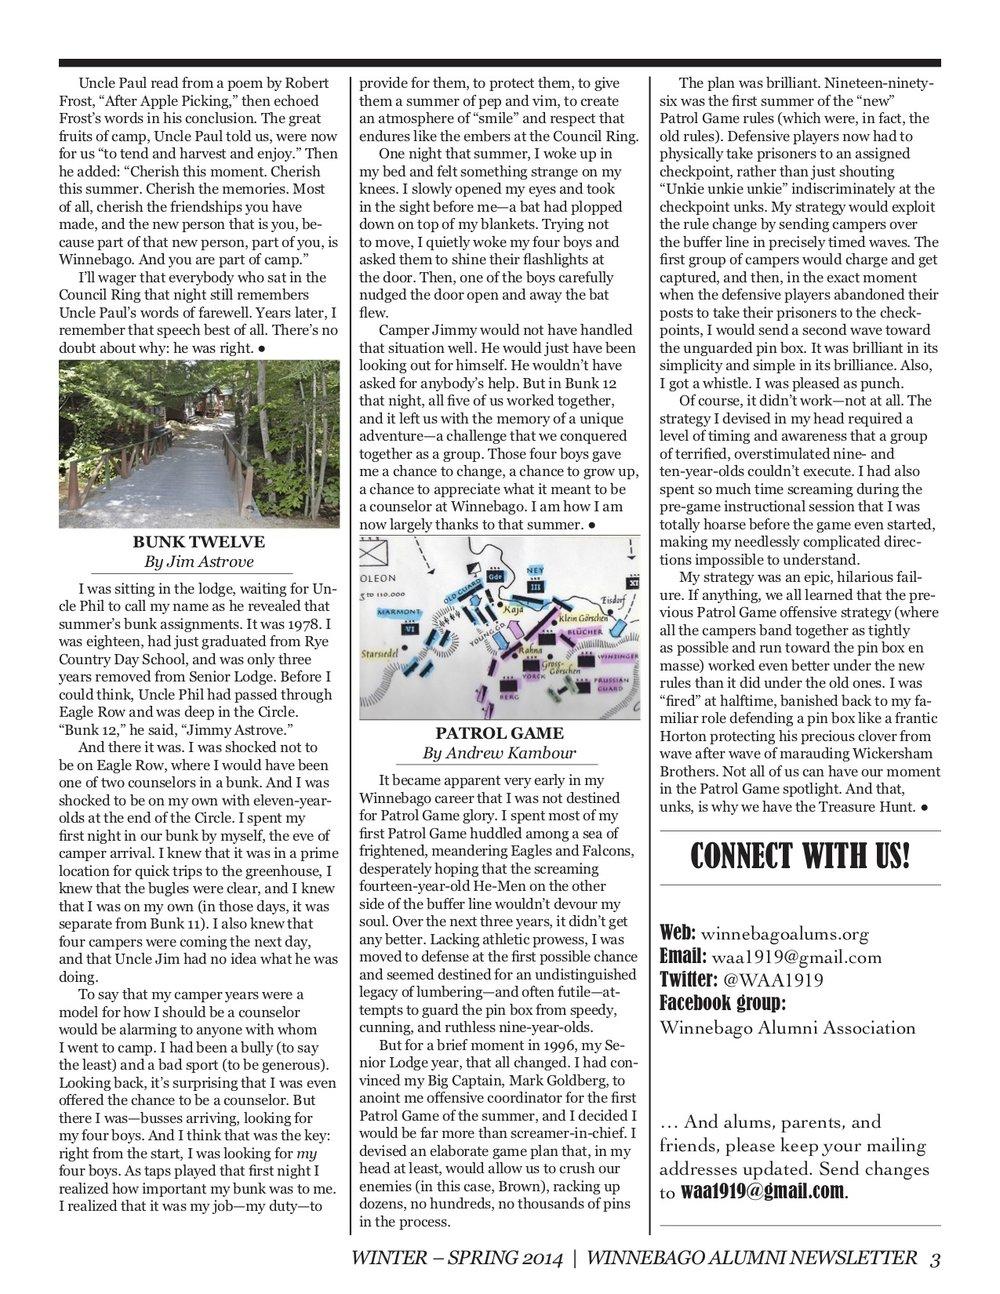 2014 Spring Newsletter 3.jpg